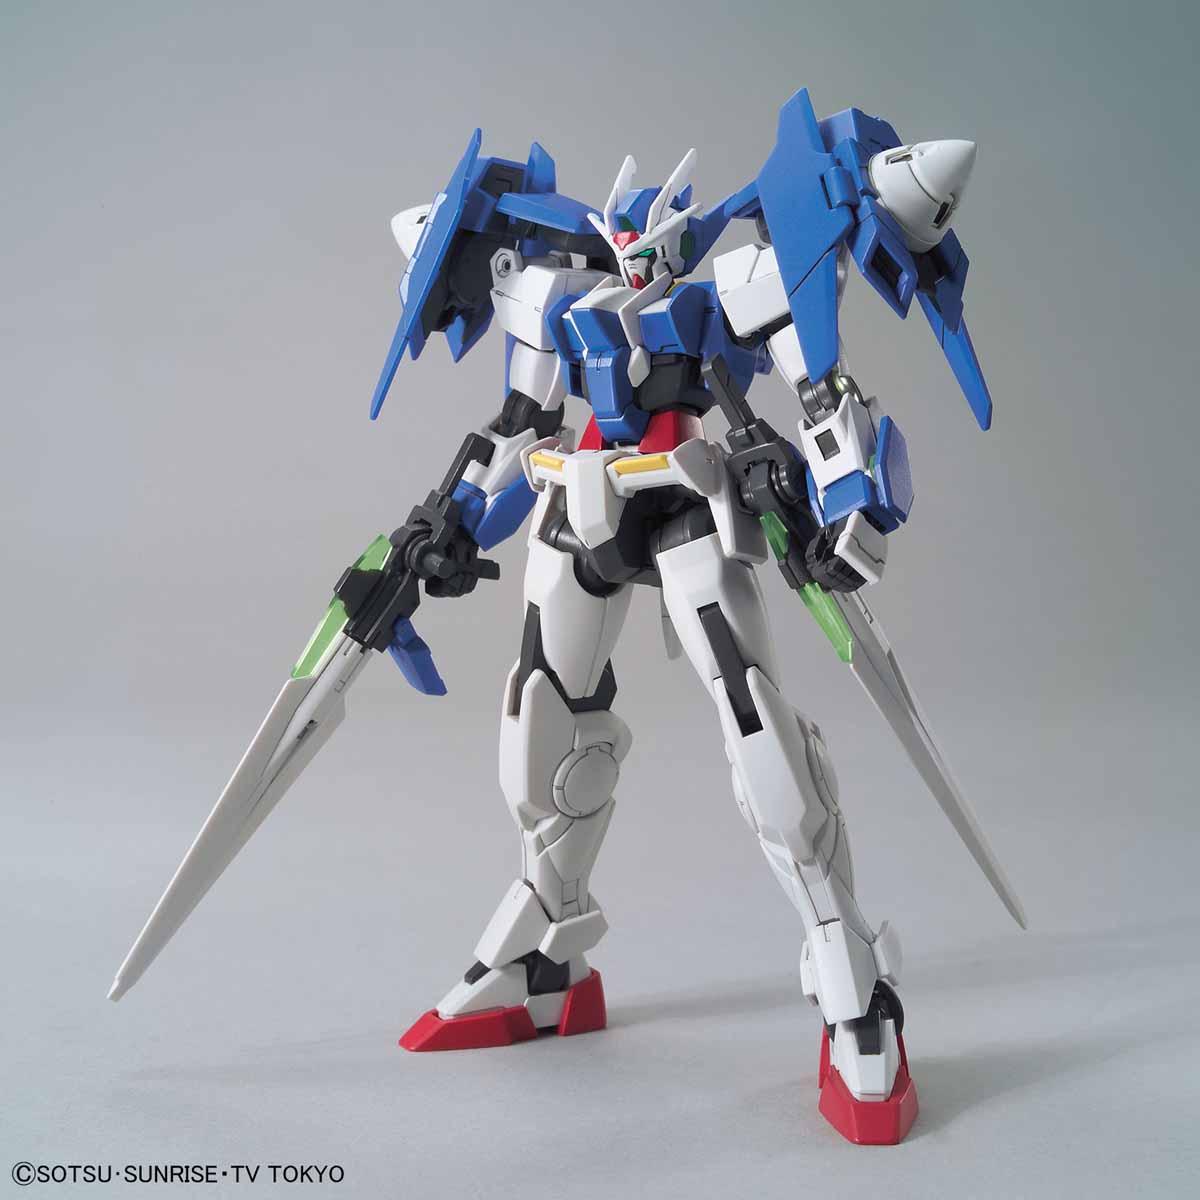 65749HGBD 000 1/144 GN-0000DVR ガンダムダブルオーダイバー [Gundam 00 Diver]